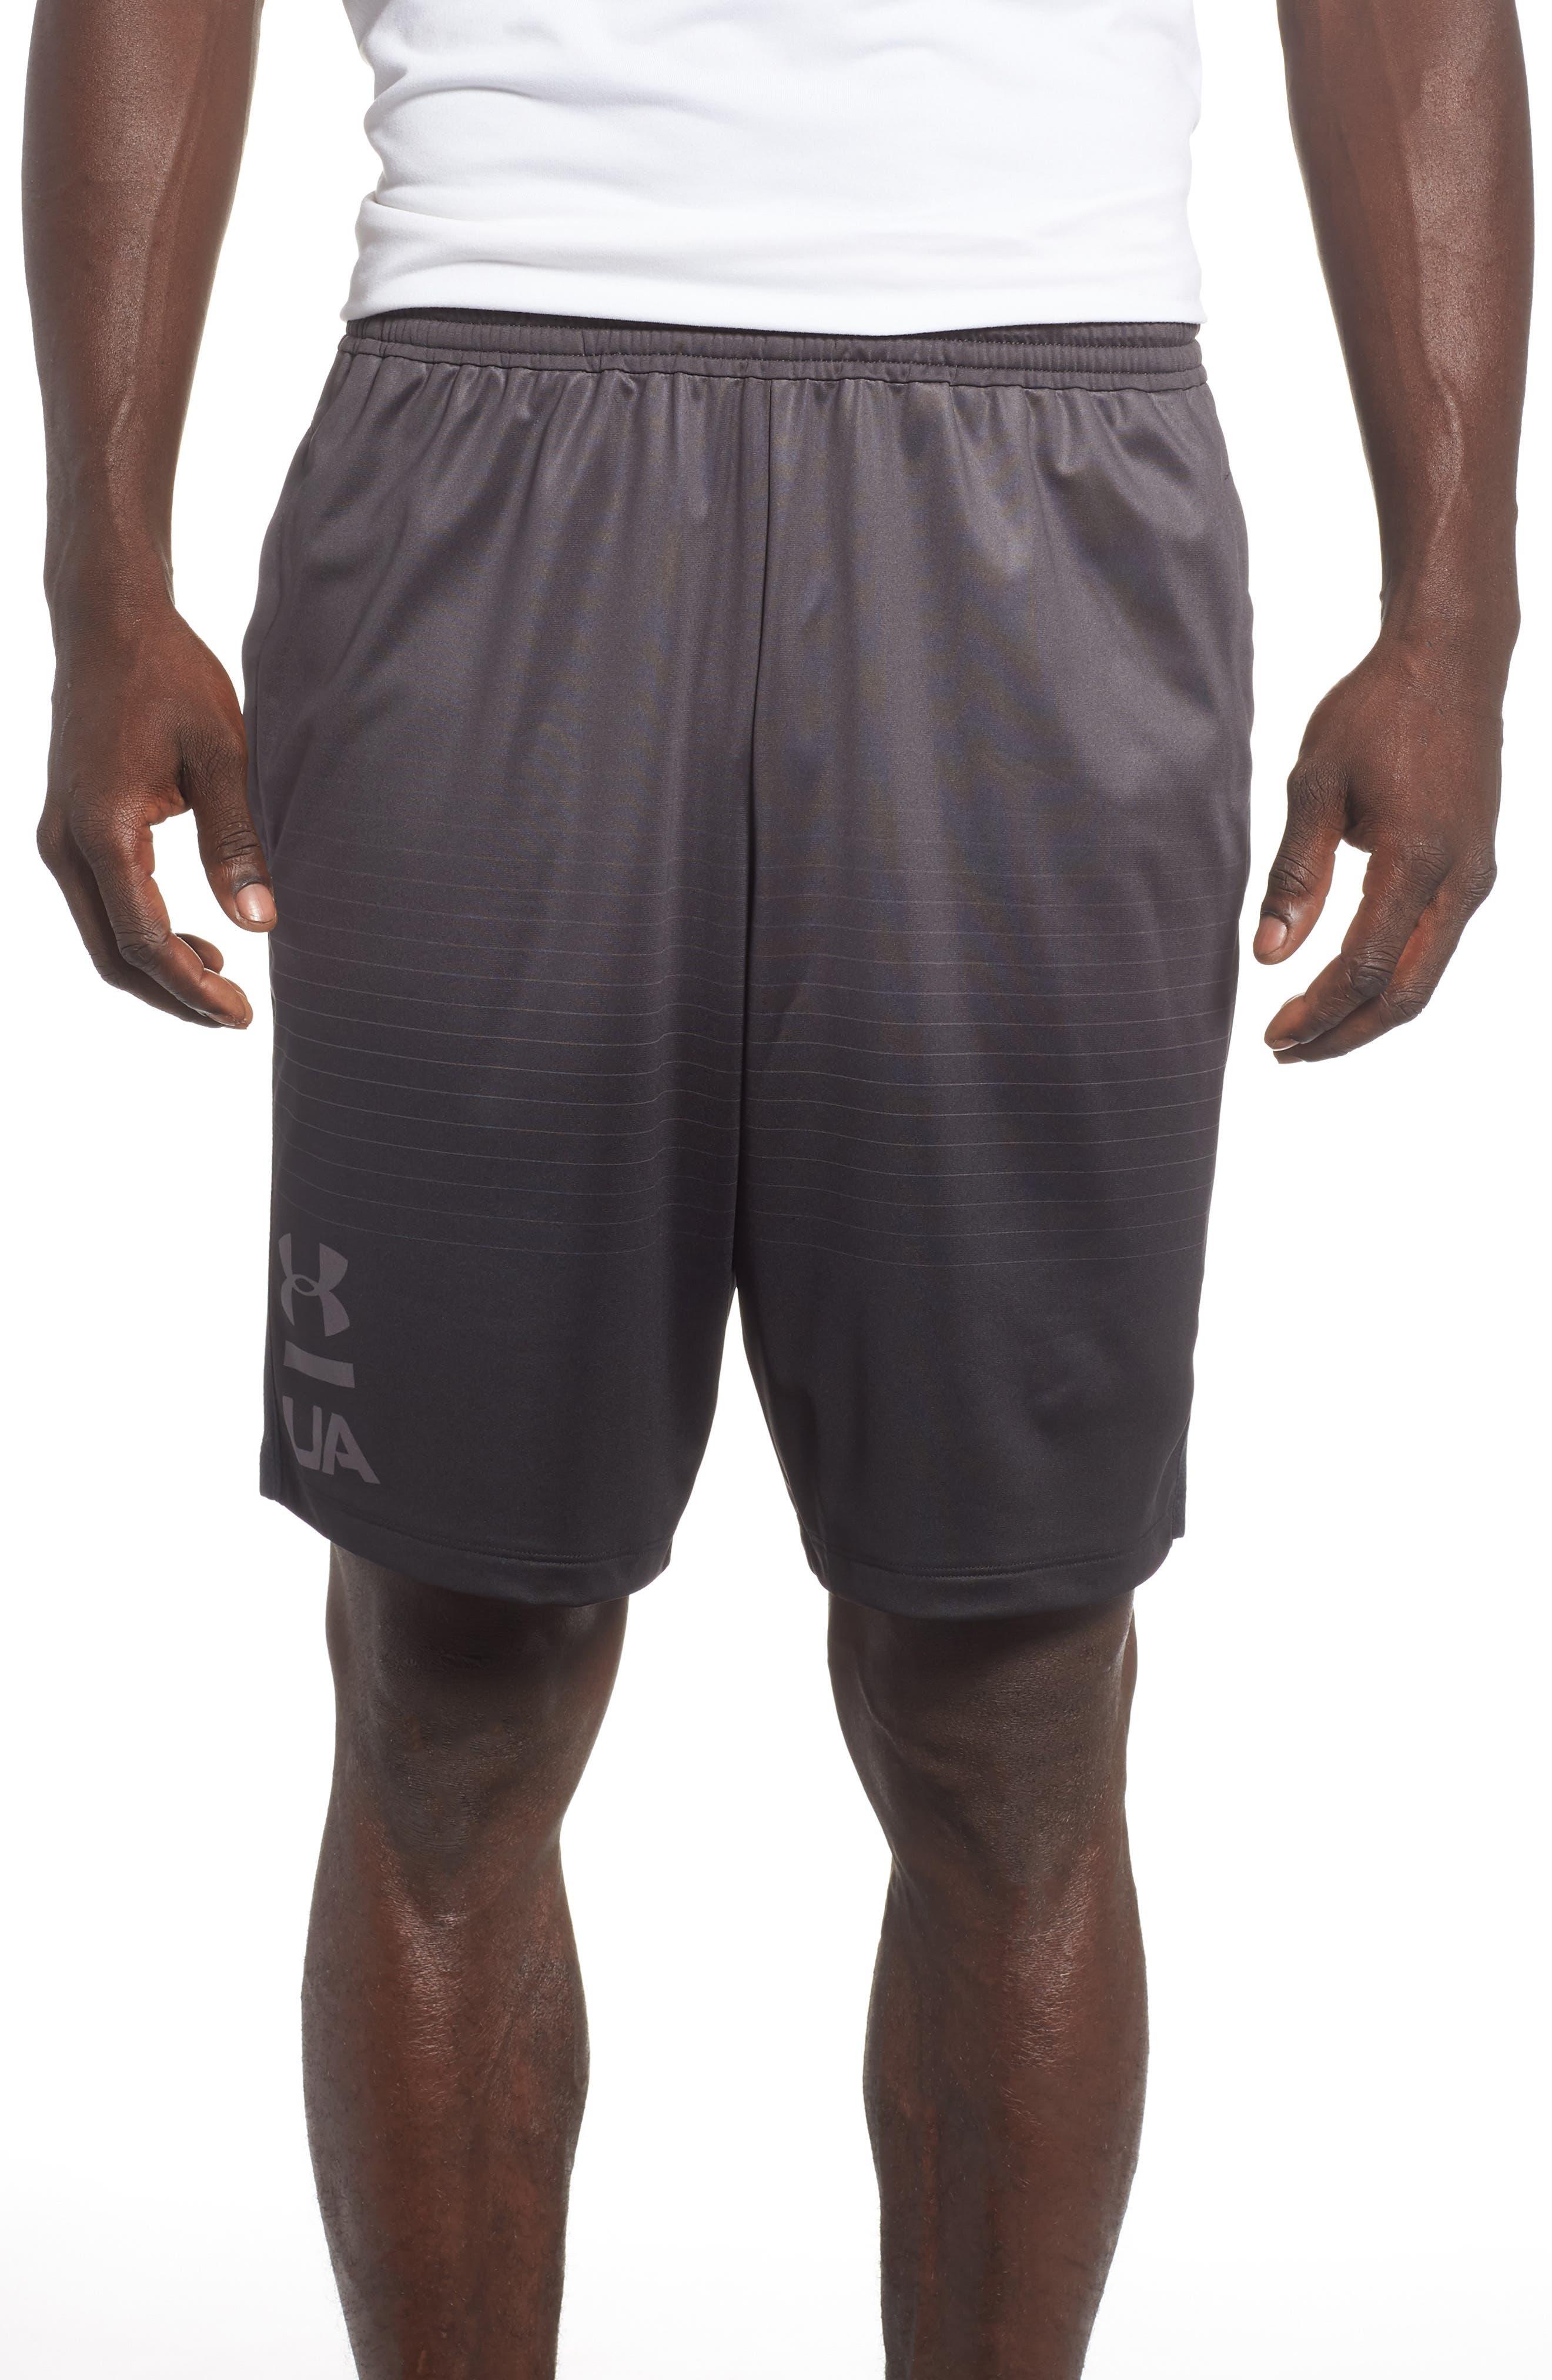 MK-1 Fade Shorts,                             Main thumbnail 1, color,                             CHARCOAL